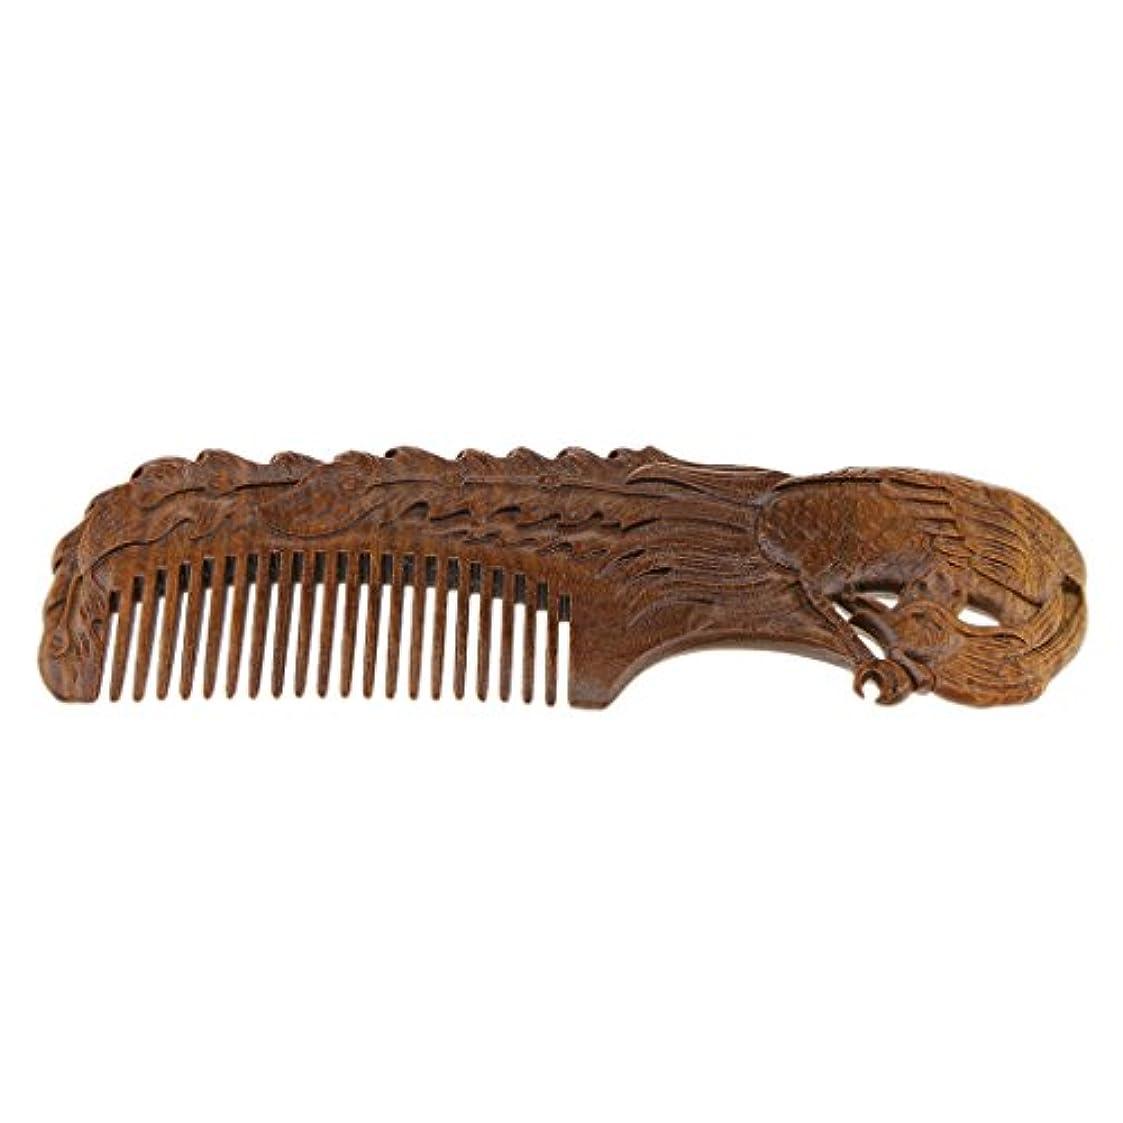 漏斗ディプロマワイドウッドコーム 木製櫛 高品質 ナチュラル ワイド歯 ヘアブラシ ヘアスタイリング デタングリングコーム 2タイプ - Phoenix